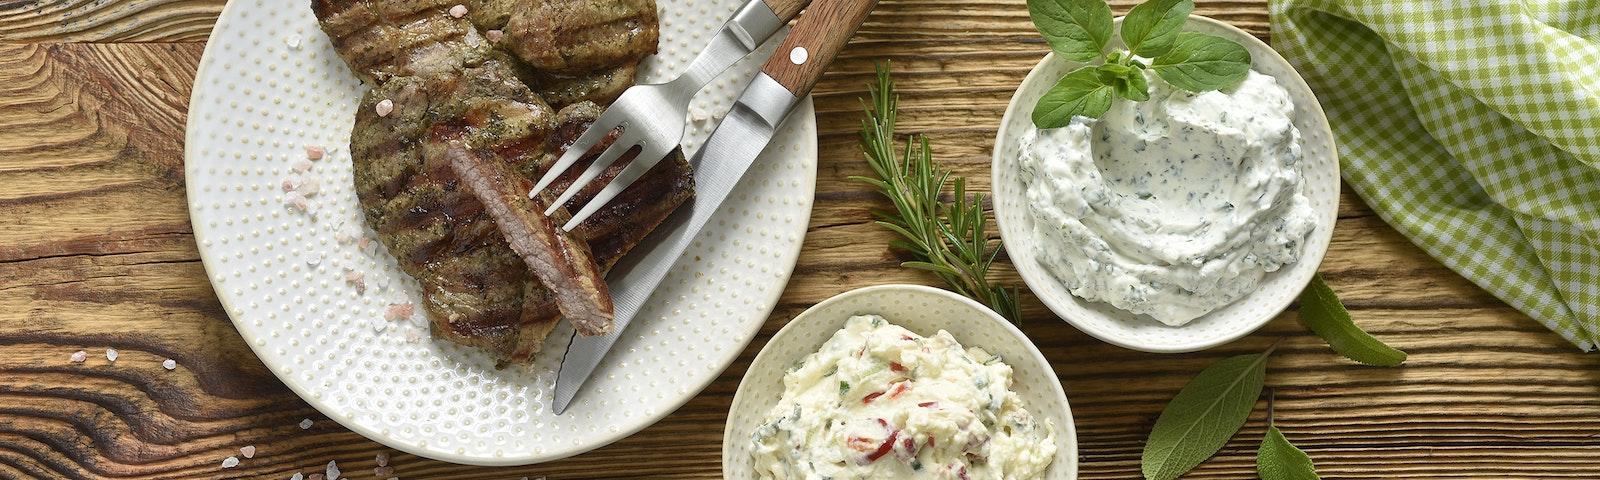 Dips zum Grillen - Feta-Käse-Dip oder Frischkäse-Kräuter-Dip